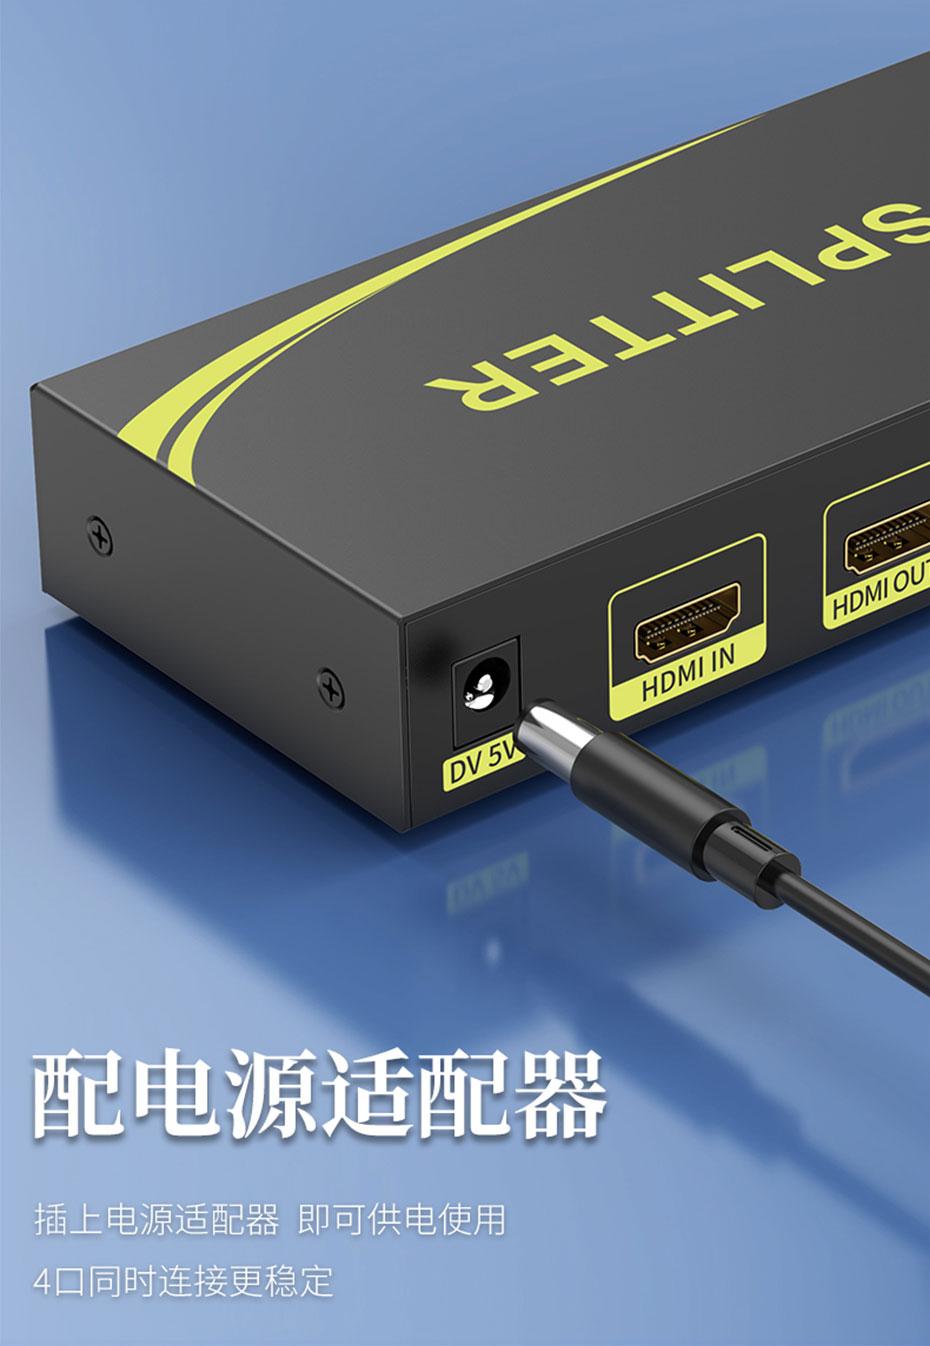 HDMI分配器一进四出HS104采用金属外壳散热